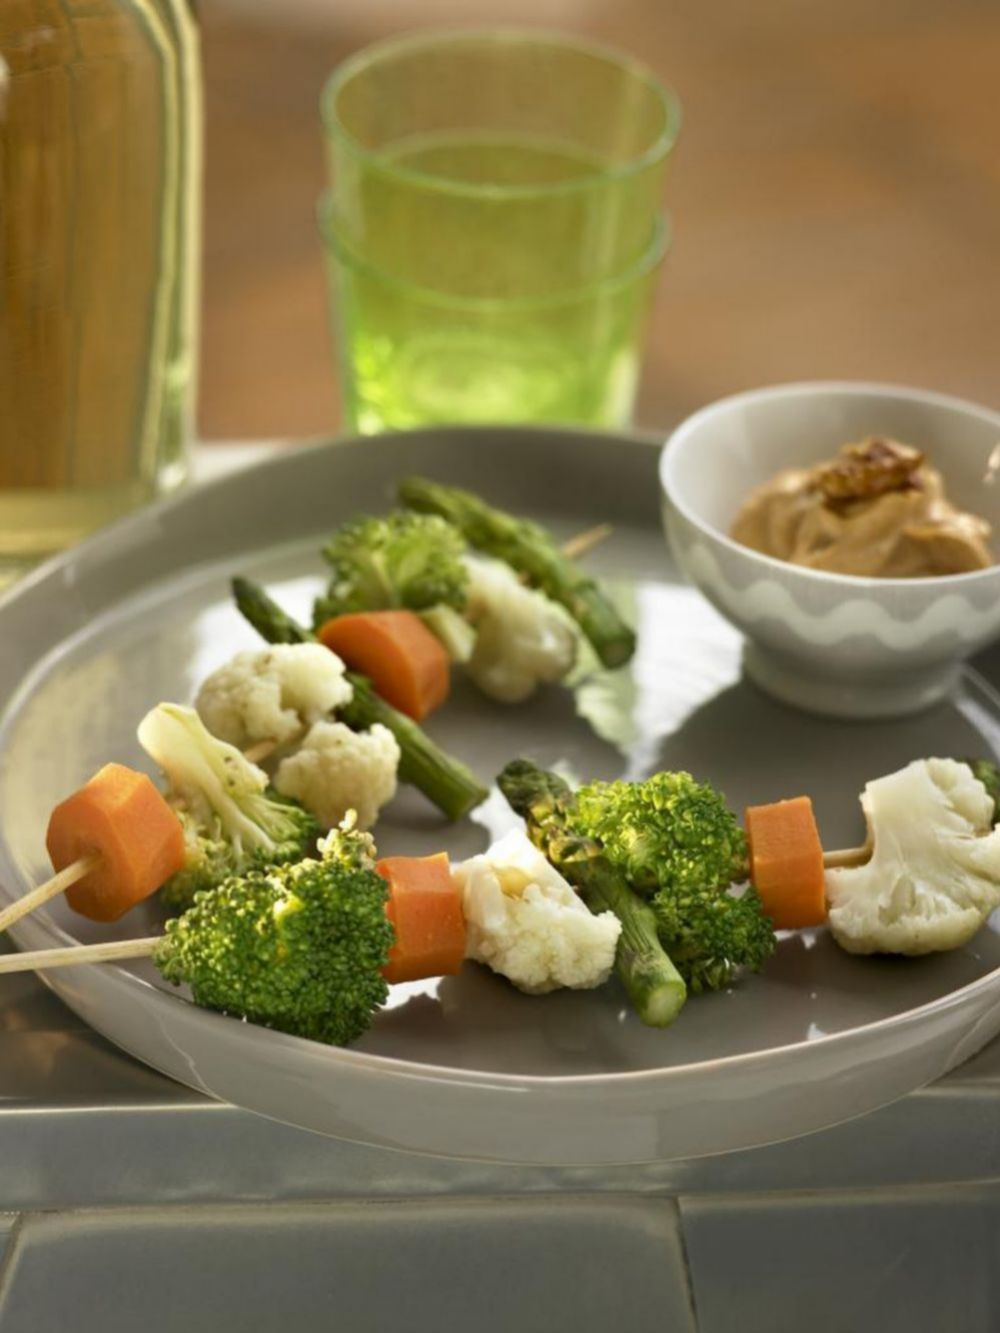 Derrocha imaginación para darle un aire nuevo a las verduras y no caer en el aburrimiento.